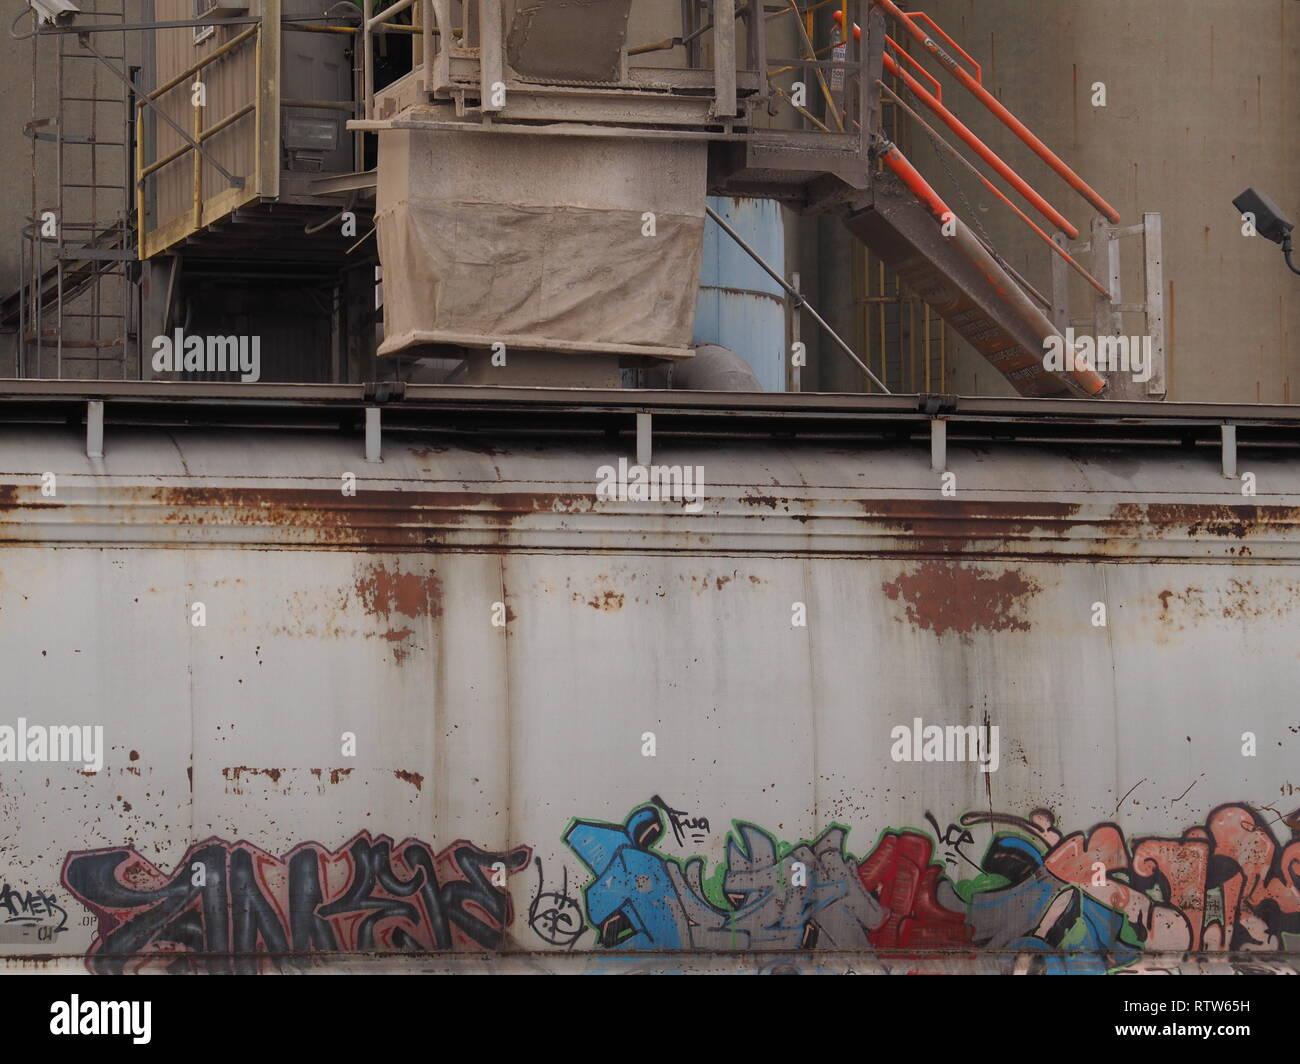 Loading of grain into a graffiti covered railroad car in Circleville Ohio - Stock Image